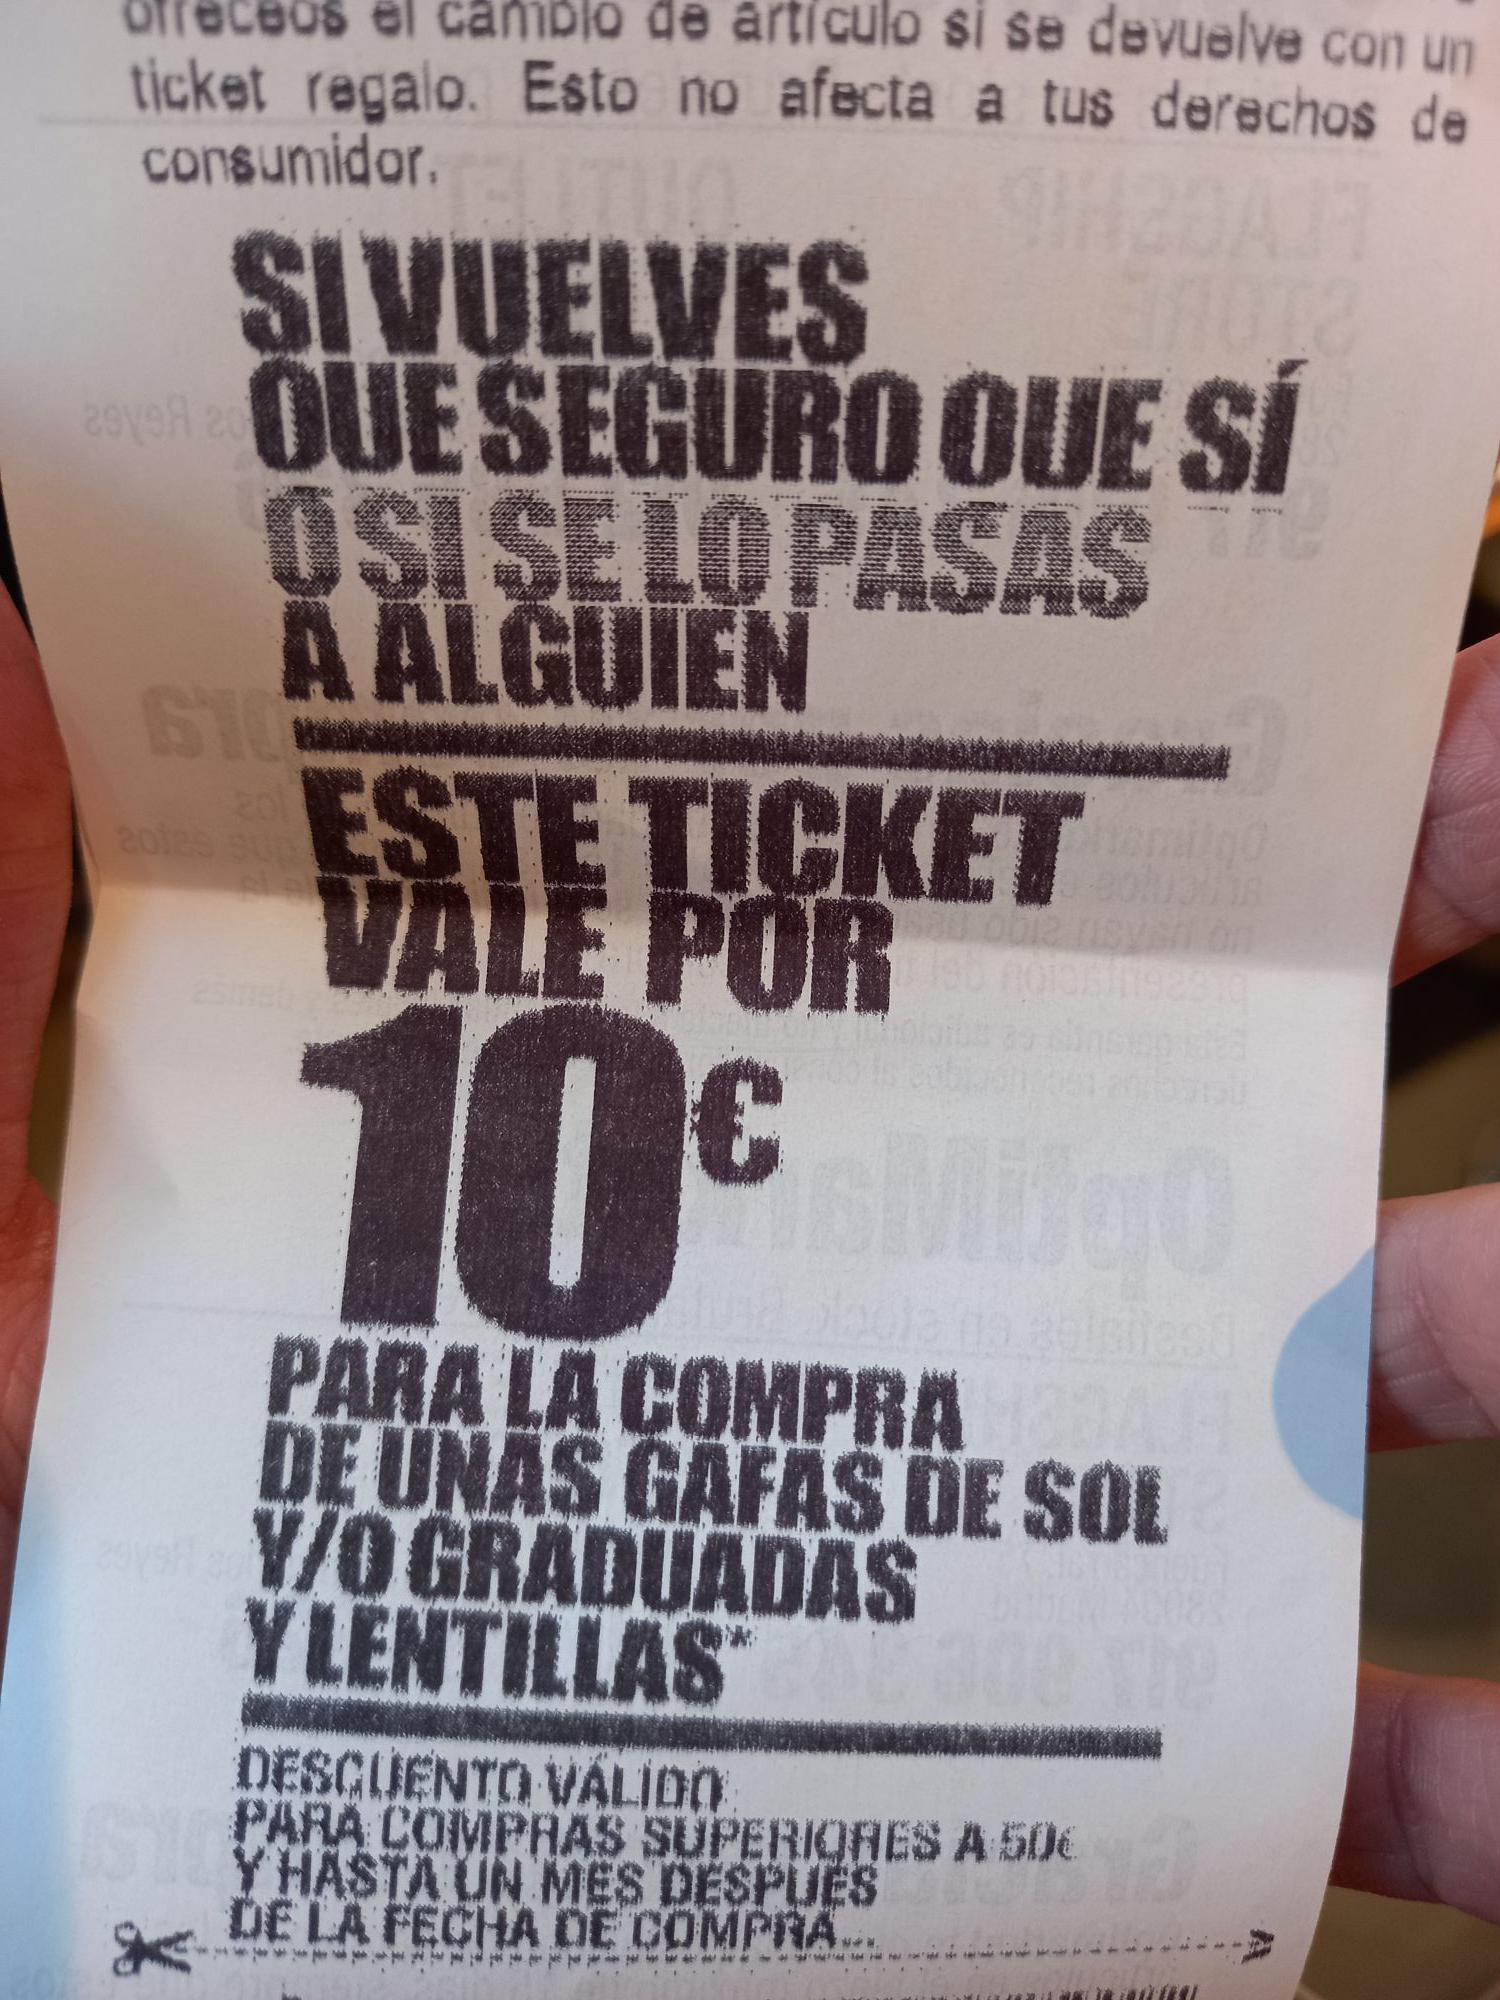 Descuento 10 euros Optimarket para siguiente compra en SS de los Reyes